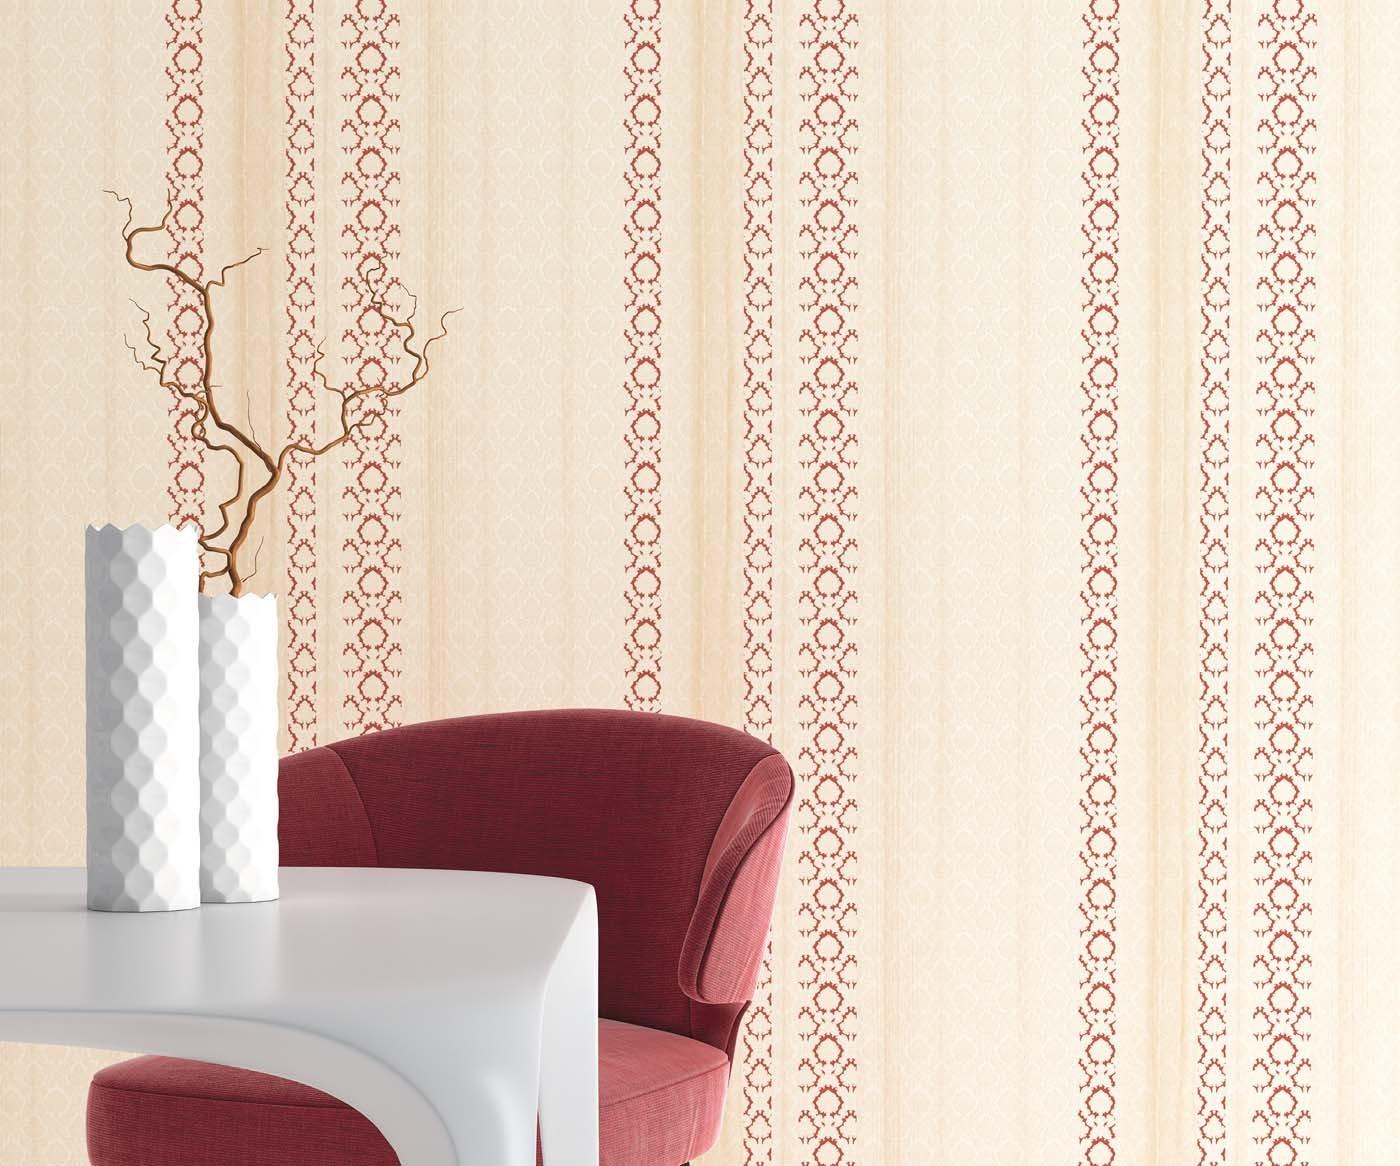 secrets erismann gratis versand rechnungskauf. Black Bedroom Furniture Sets. Home Design Ideas